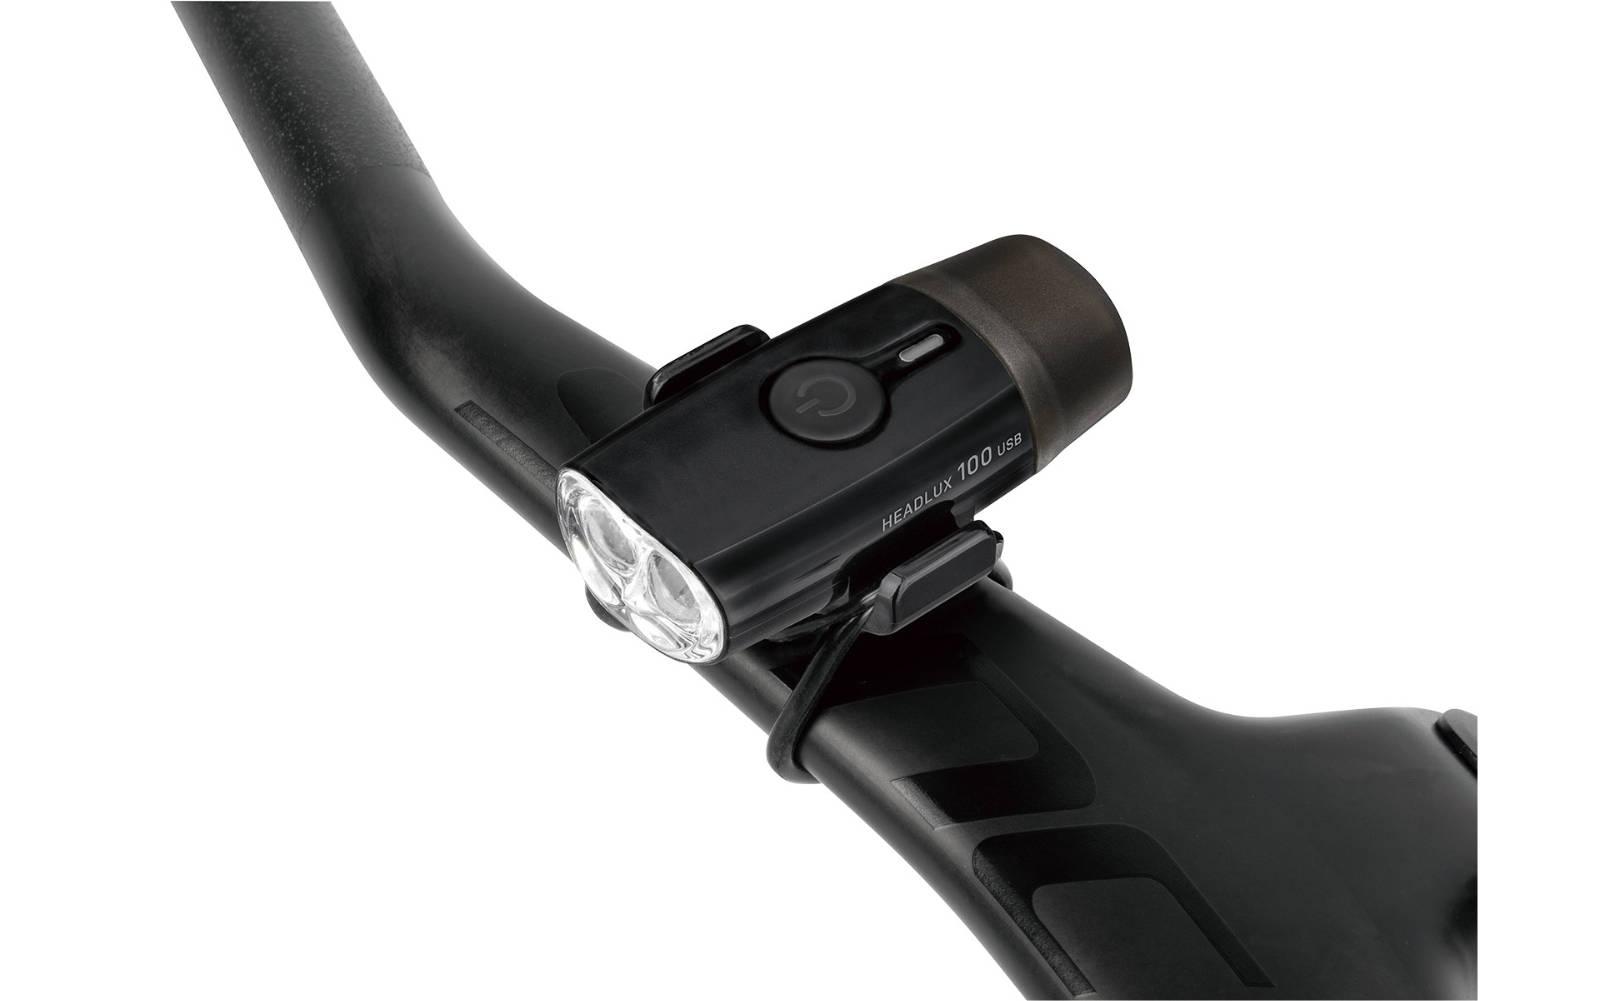 Topeak Headlux 100 USB